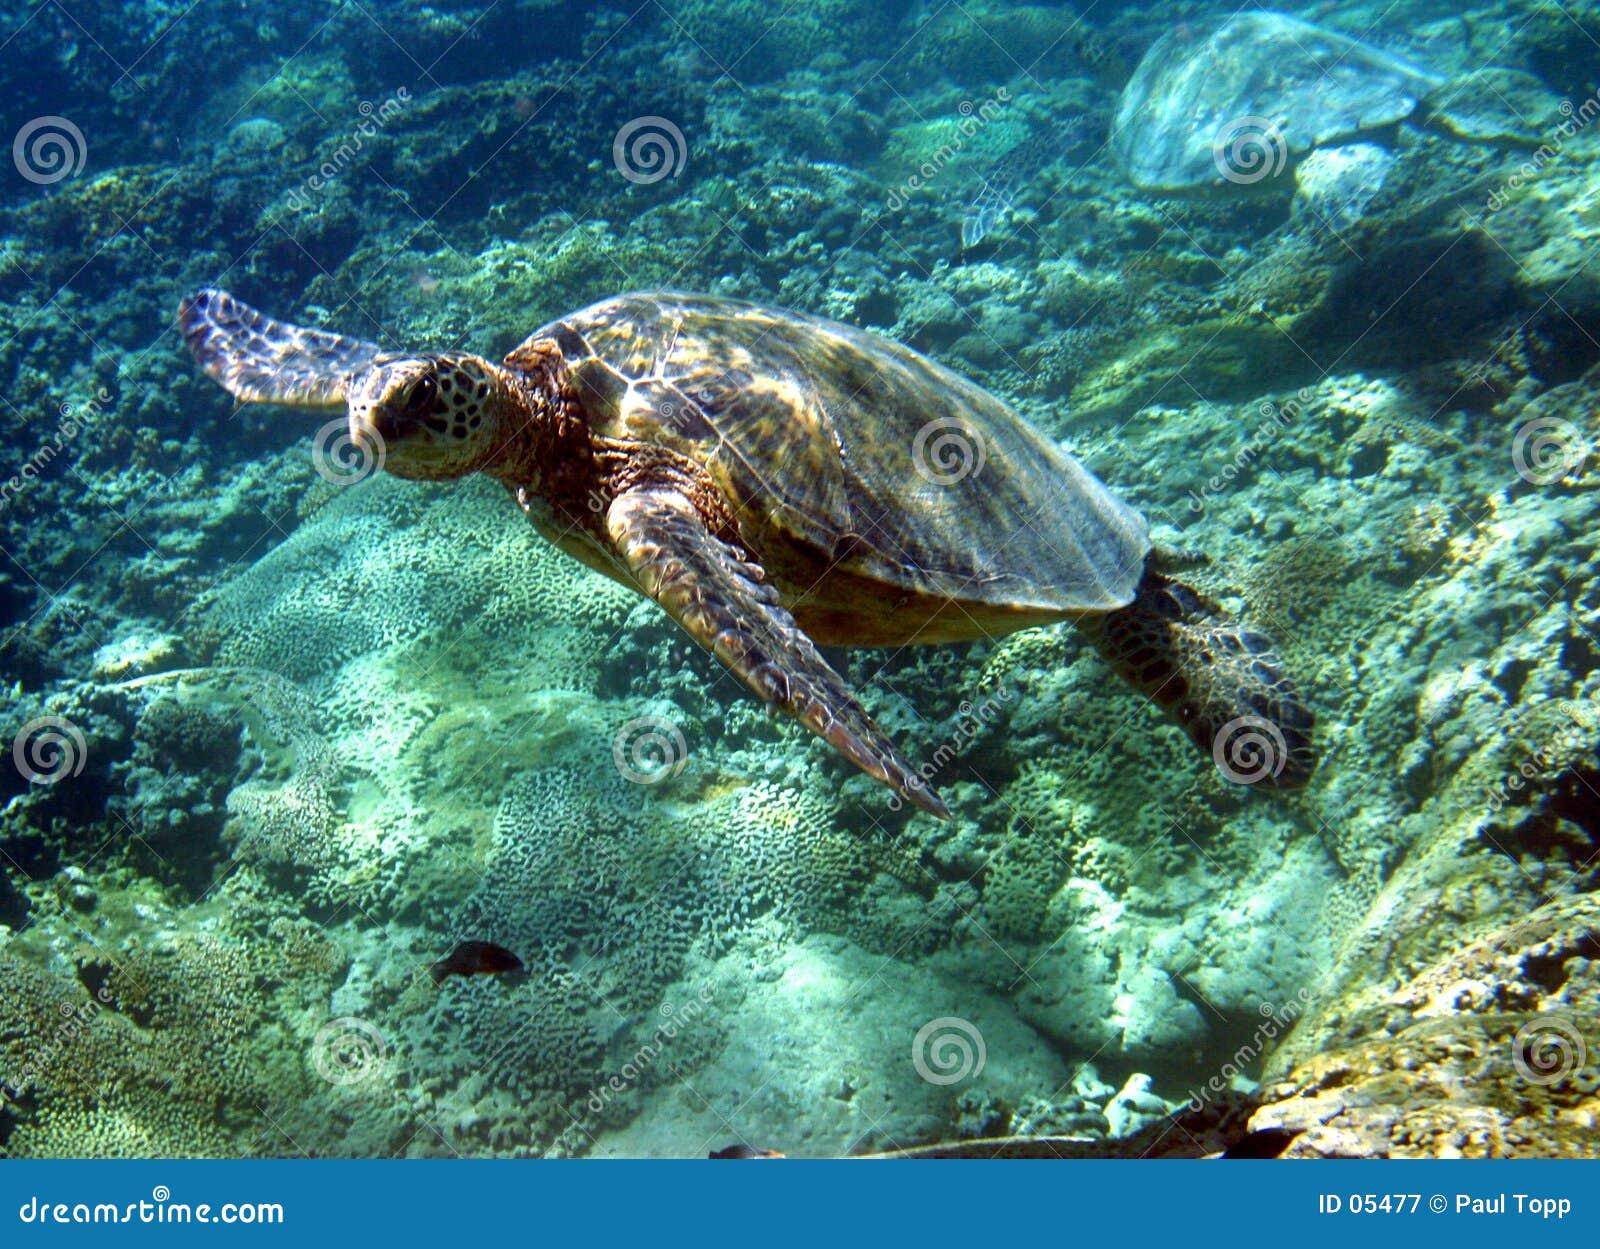 Foto della tartaruga di mare verde